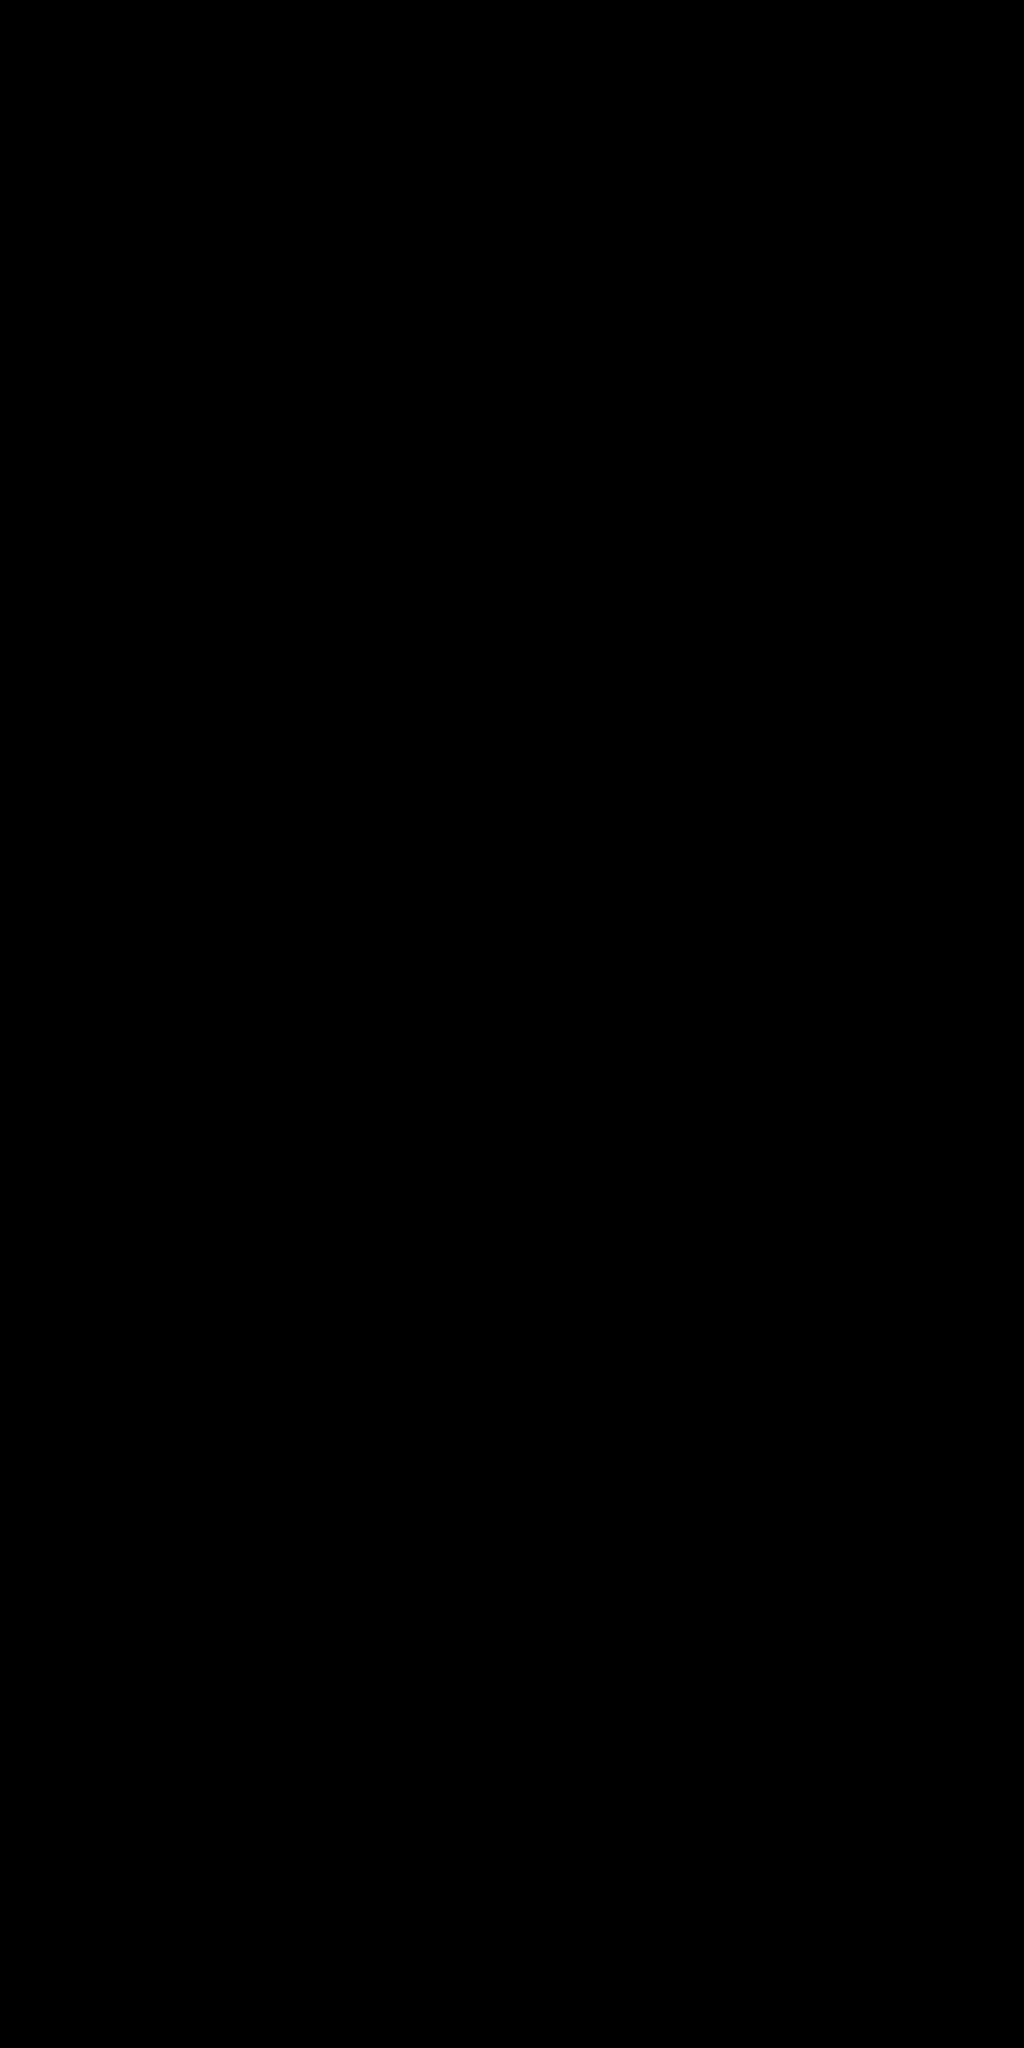 Screenshot from ArtDC integration